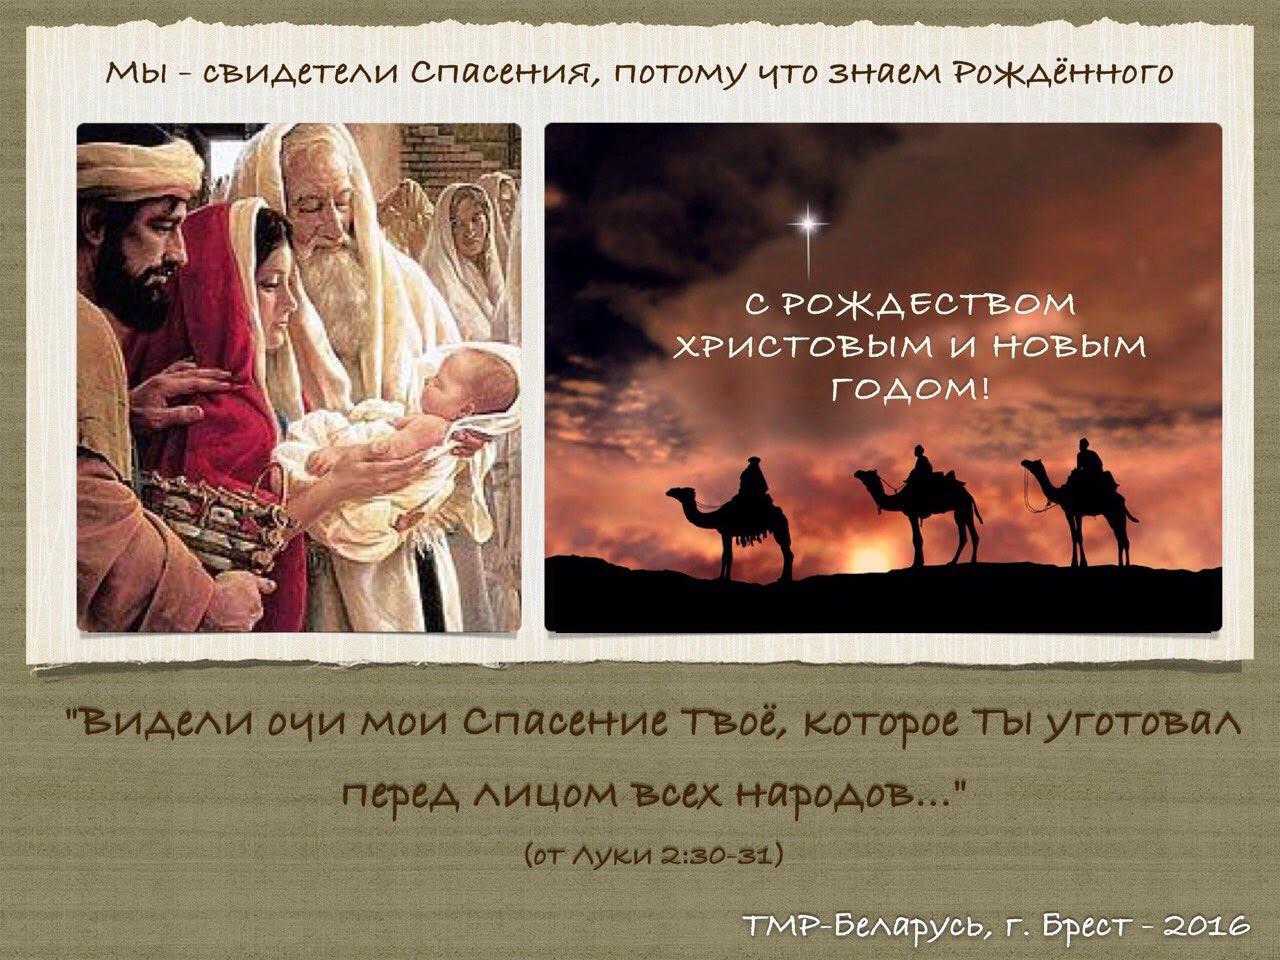 s-rozhdestvom-xristovym